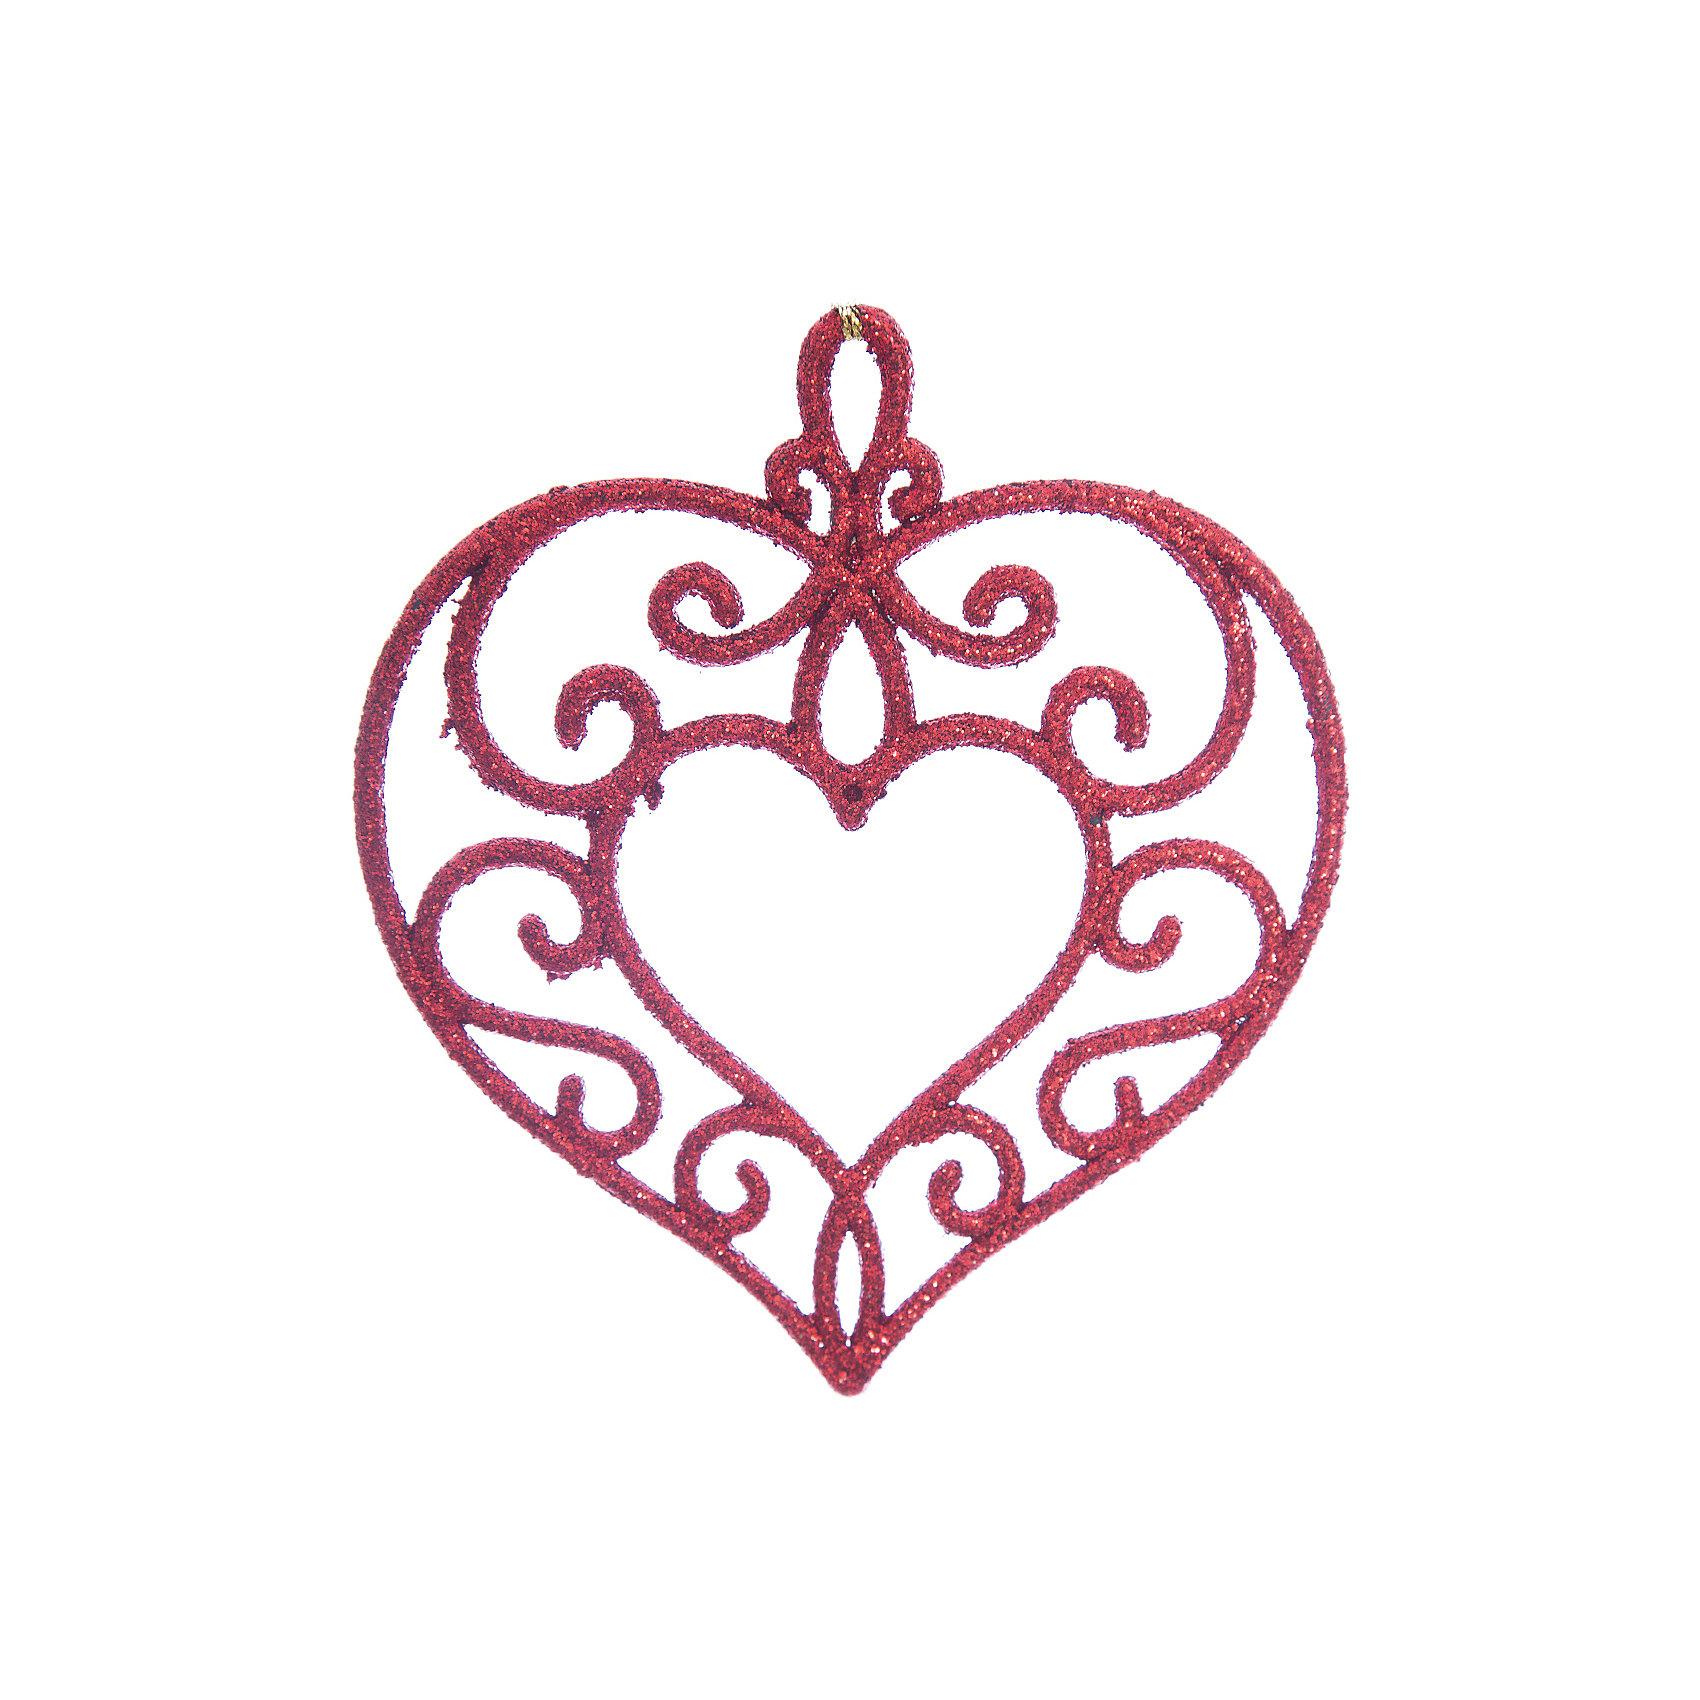 Украшение Красное сердцеНовинки Новый Год<br>Украшение Красное сердце, Феникс-Презент, замечательно дополнит наряд Вашей новогодней елки и поможет создать праздничную волшебную атмосферу. Украшение выполнено в виде красивого ажурного сердечка с растительным орнаментом и декорировано блестками, оно будет чудесно смотреться на елке и радовать детей и взрослых. <br><br>Дополнительная информация:<br><br>- Материал: пластик.<br>- Размер украшения: 10,5 х 9,5 см.<br>- Вес: 15 гр.<br><br>Украшение Красное сердце, Феникс-Презент, можно купить в нашем интернет-магазине.<br><br>Ширина мм: 1<br>Глубина мм: 100<br>Высота мм: 110<br>Вес г: 15<br>Возраст от месяцев: 36<br>Возраст до месяцев: 2147483647<br>Пол: Унисекс<br>Возраст: Детский<br>SKU: 4276561